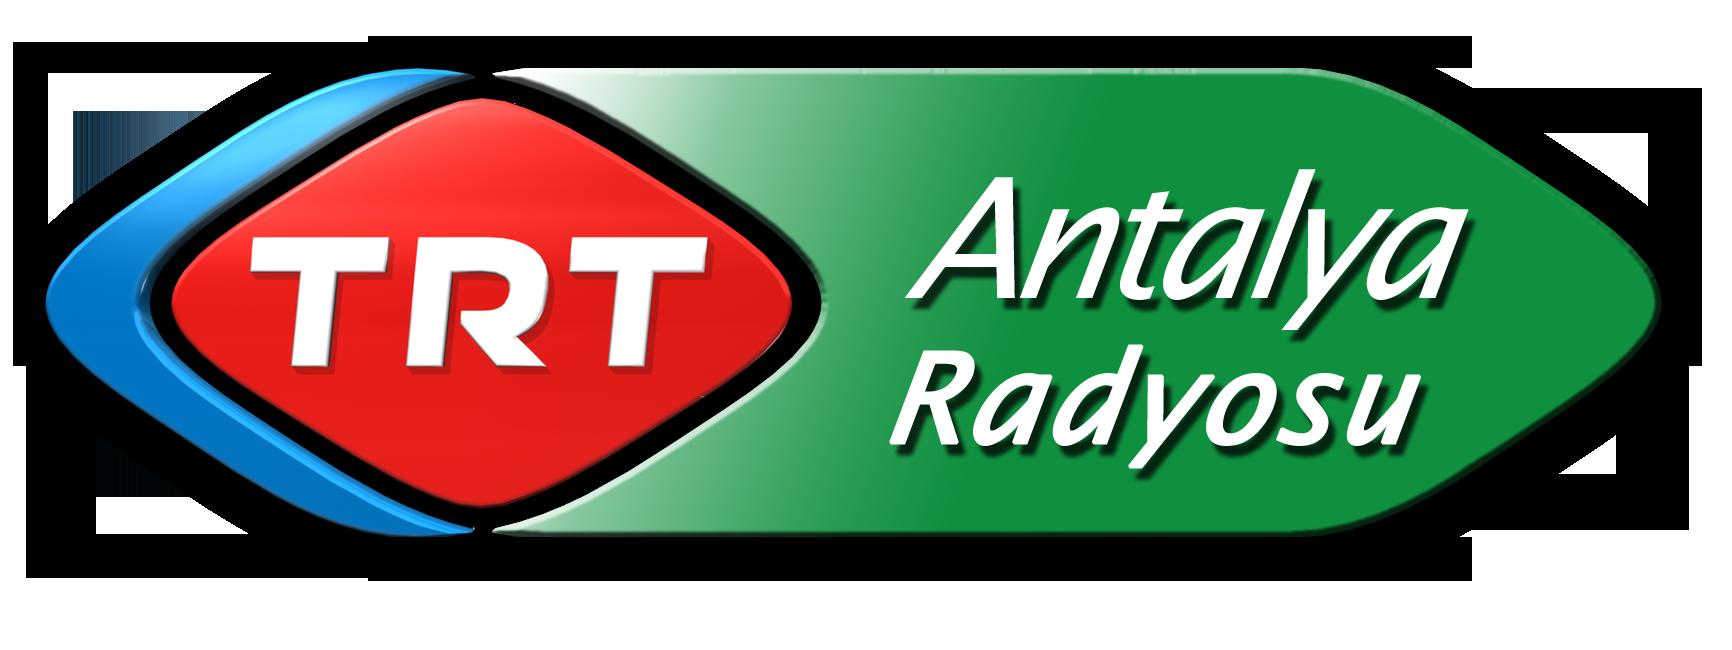 ANTALYA RADYOSU